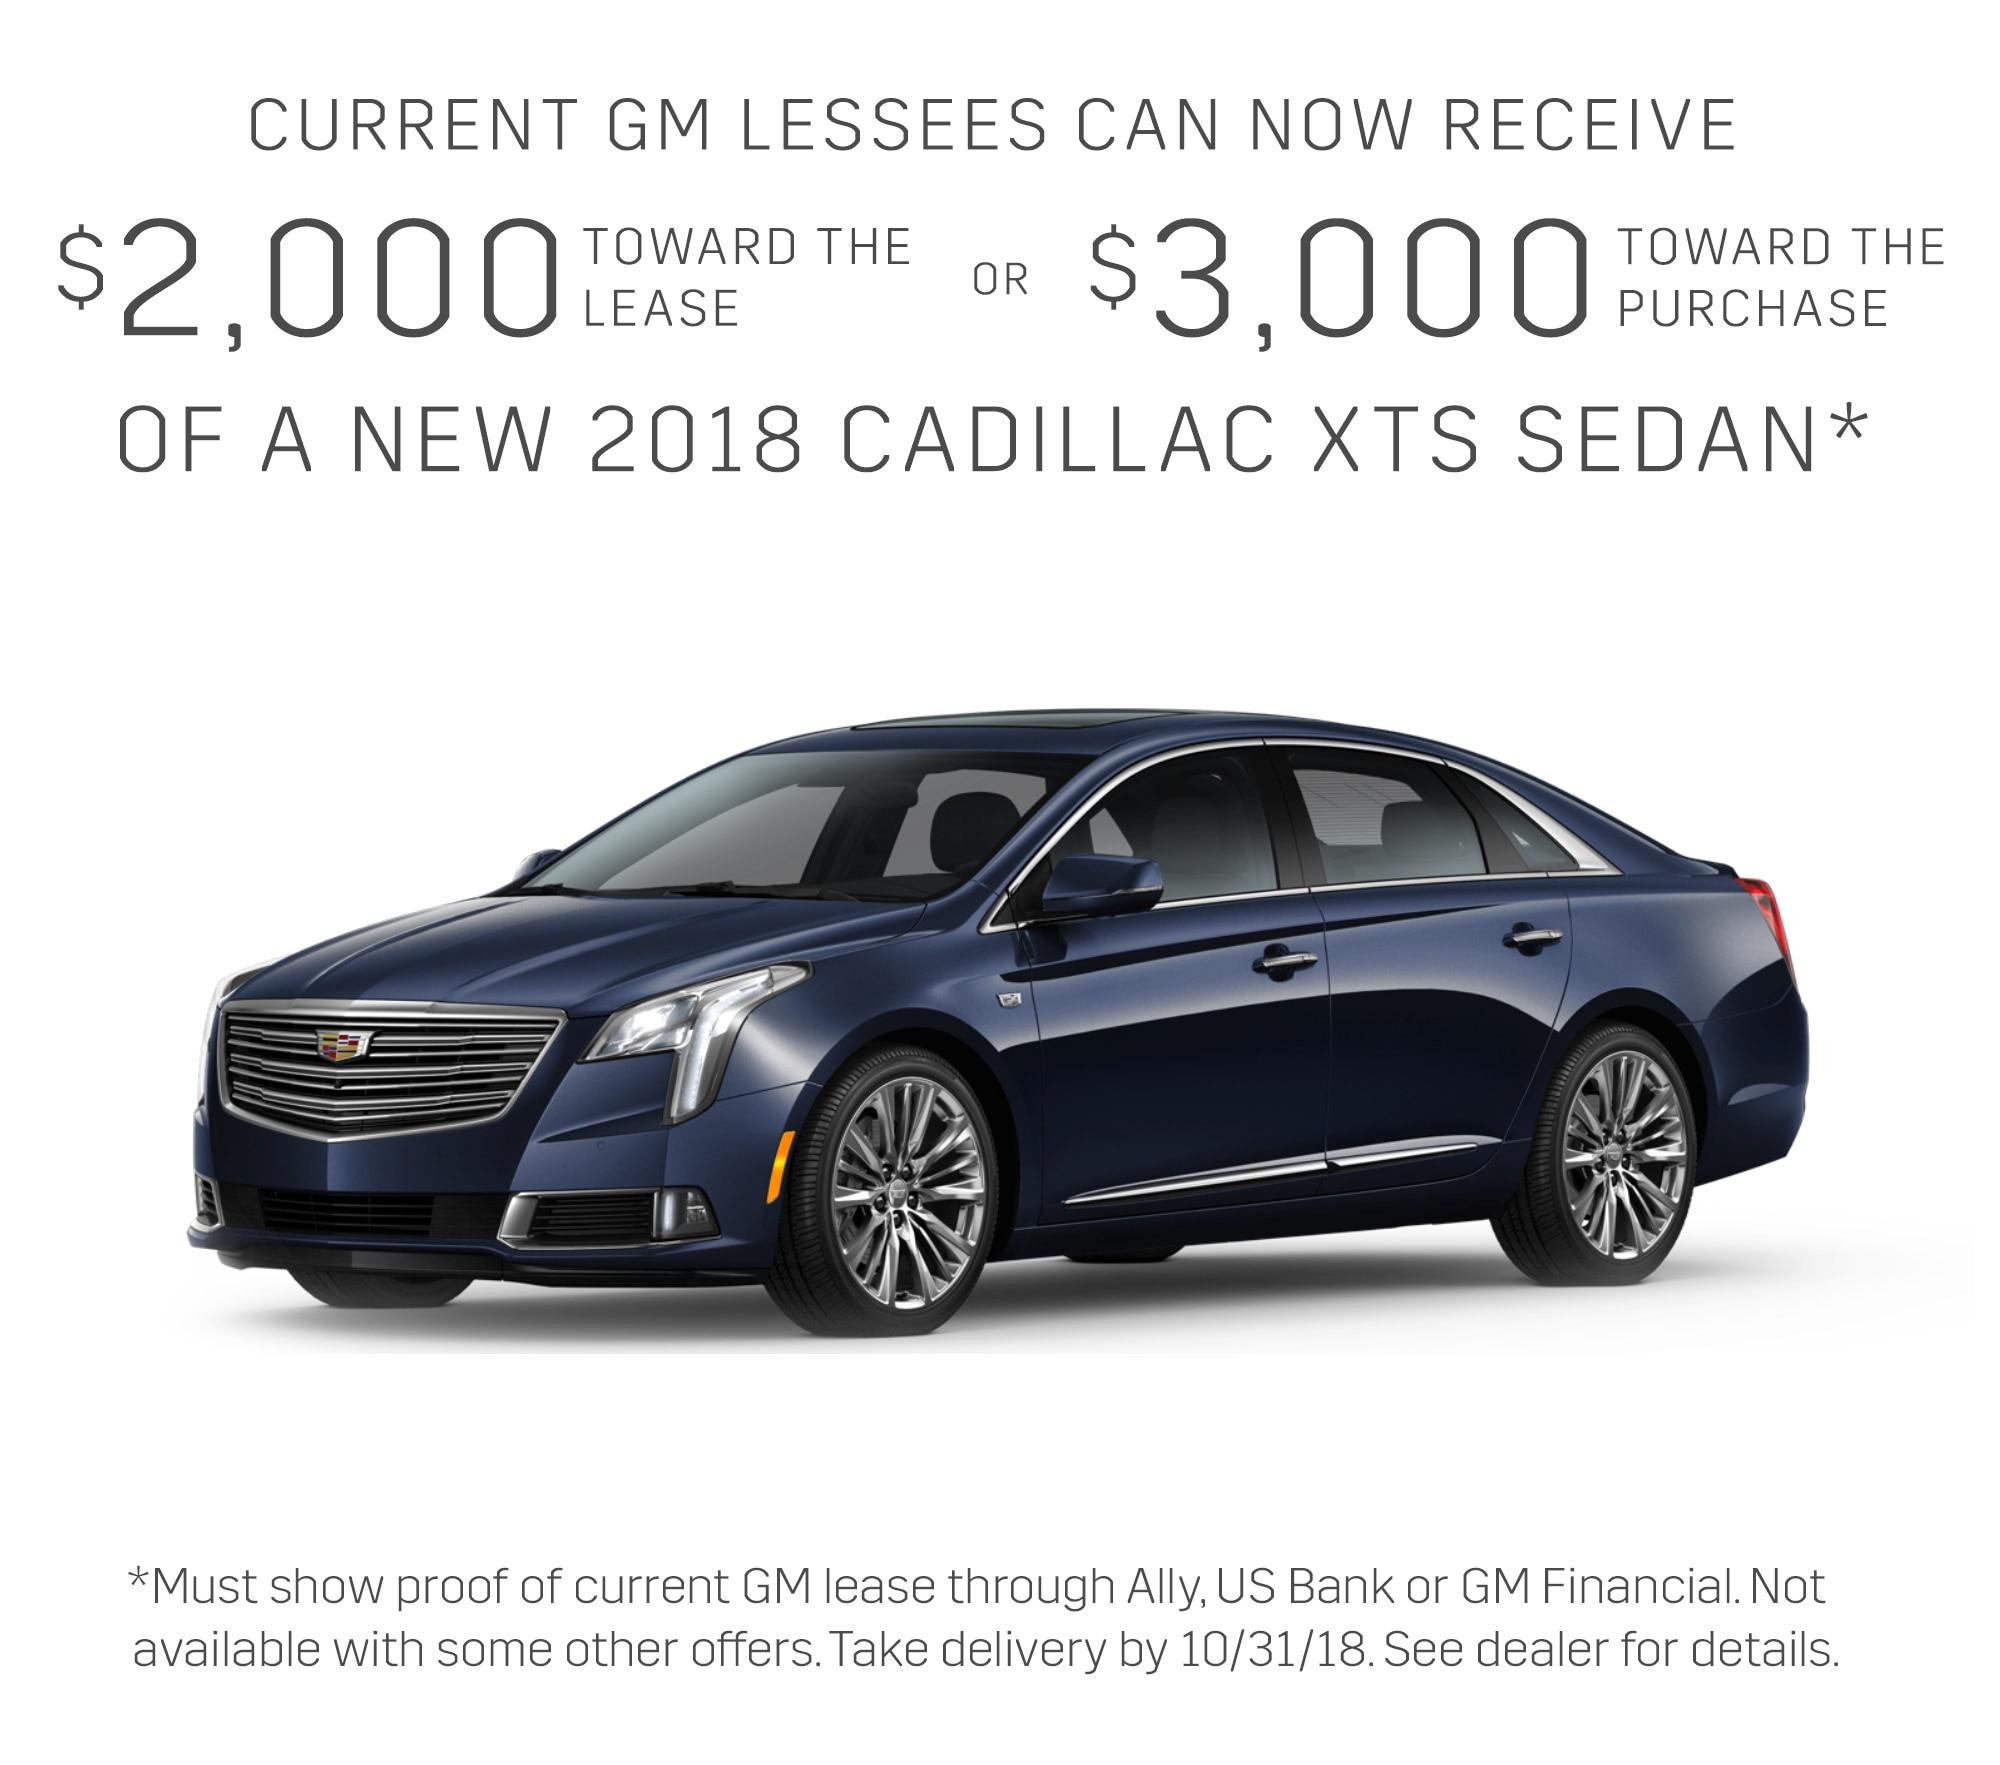 Cadillac Escalade Lease Deals: Cadillac Srx Lease Deals Michigan